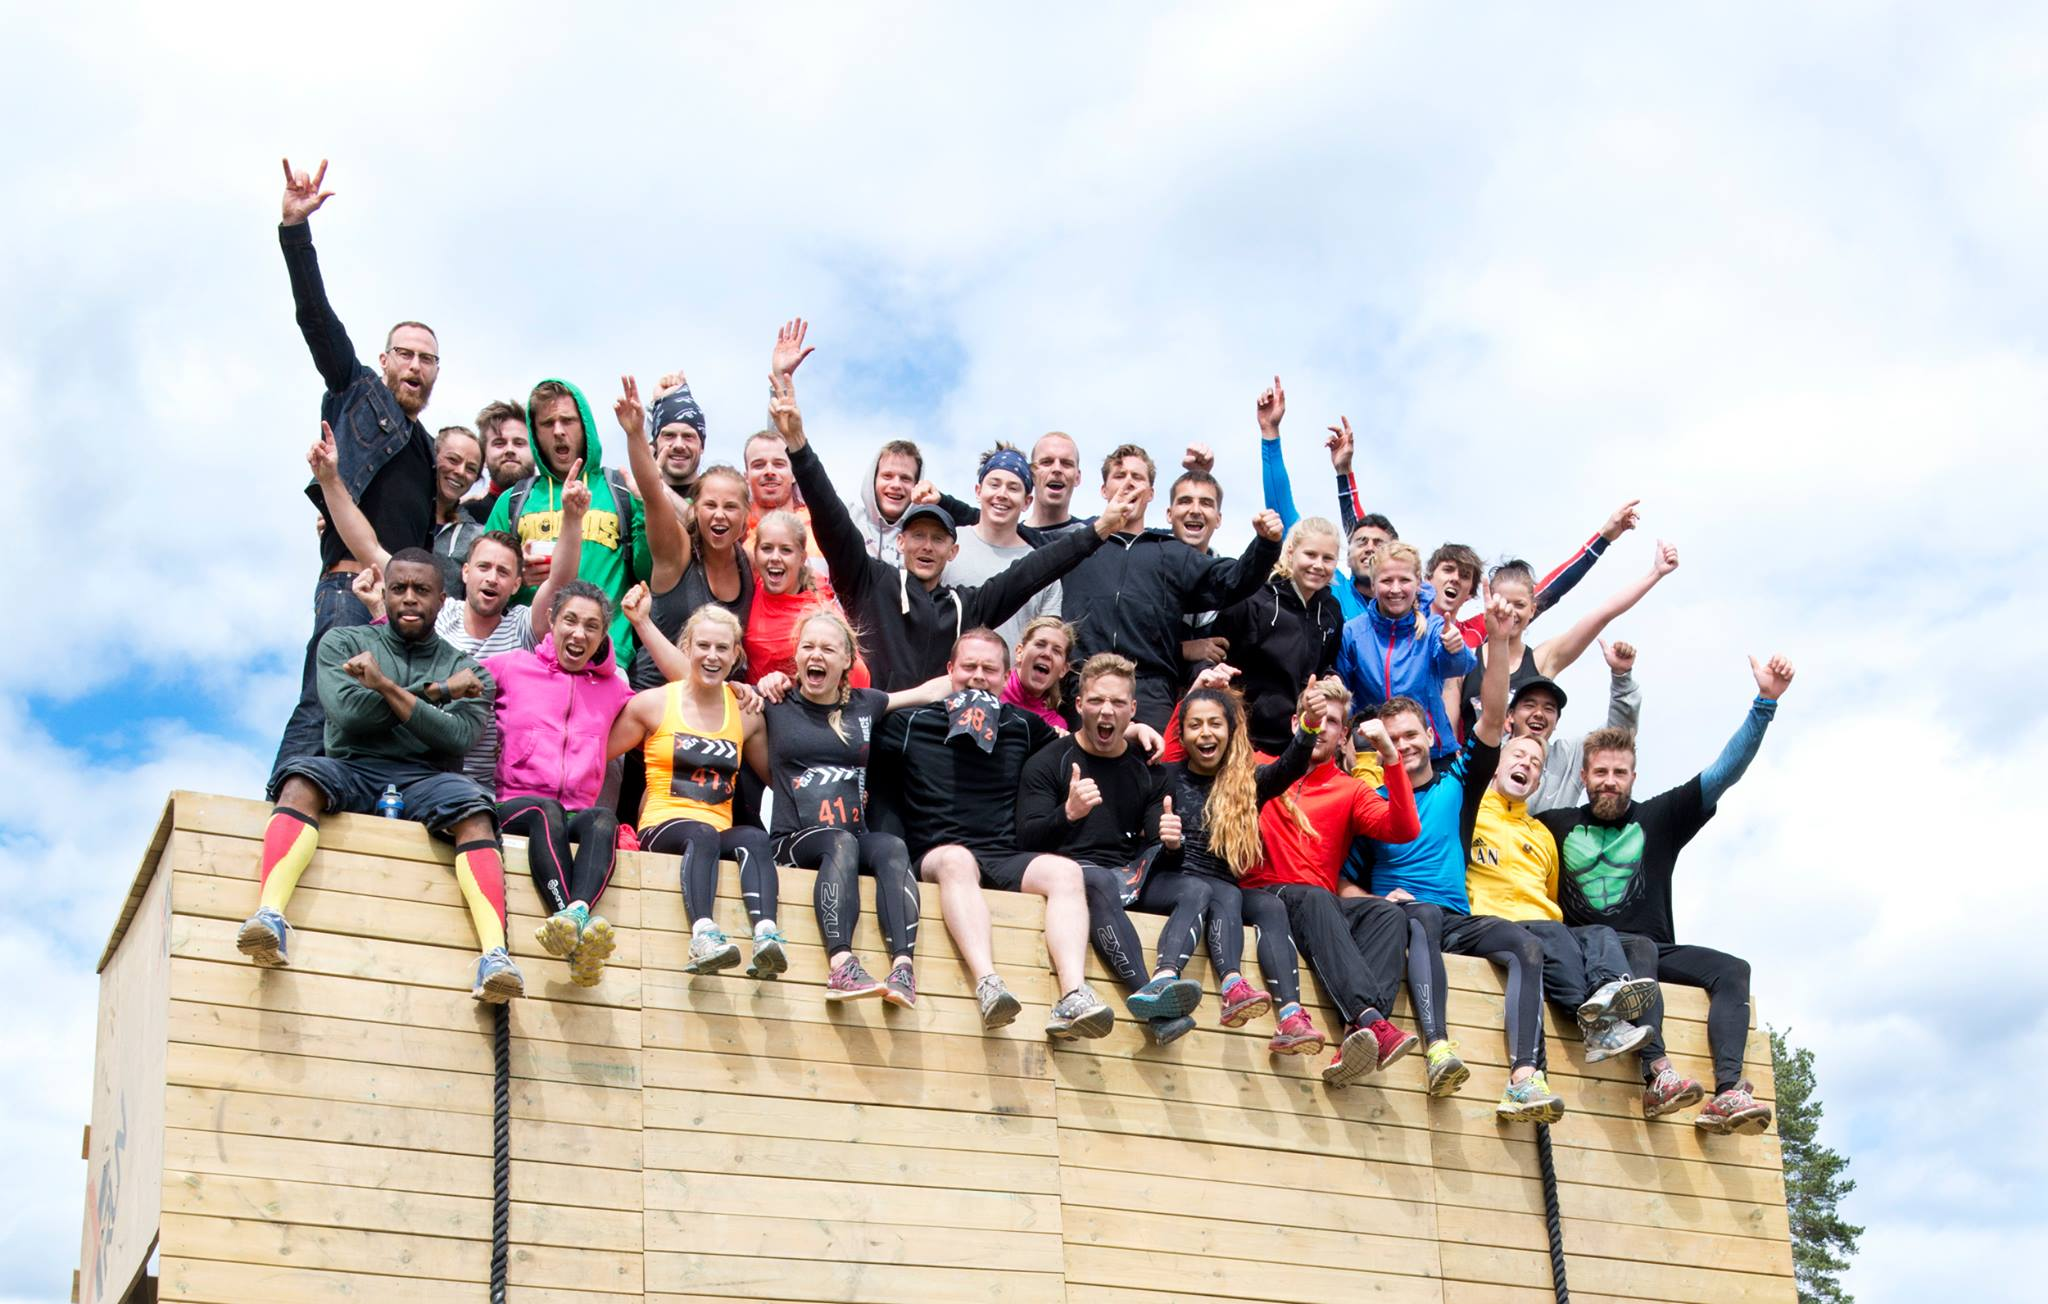 CrossFit Oslo stilte med 12 ulike lag under X-Runs lagdag (lørdag). Individuelle løpere løp søndag.